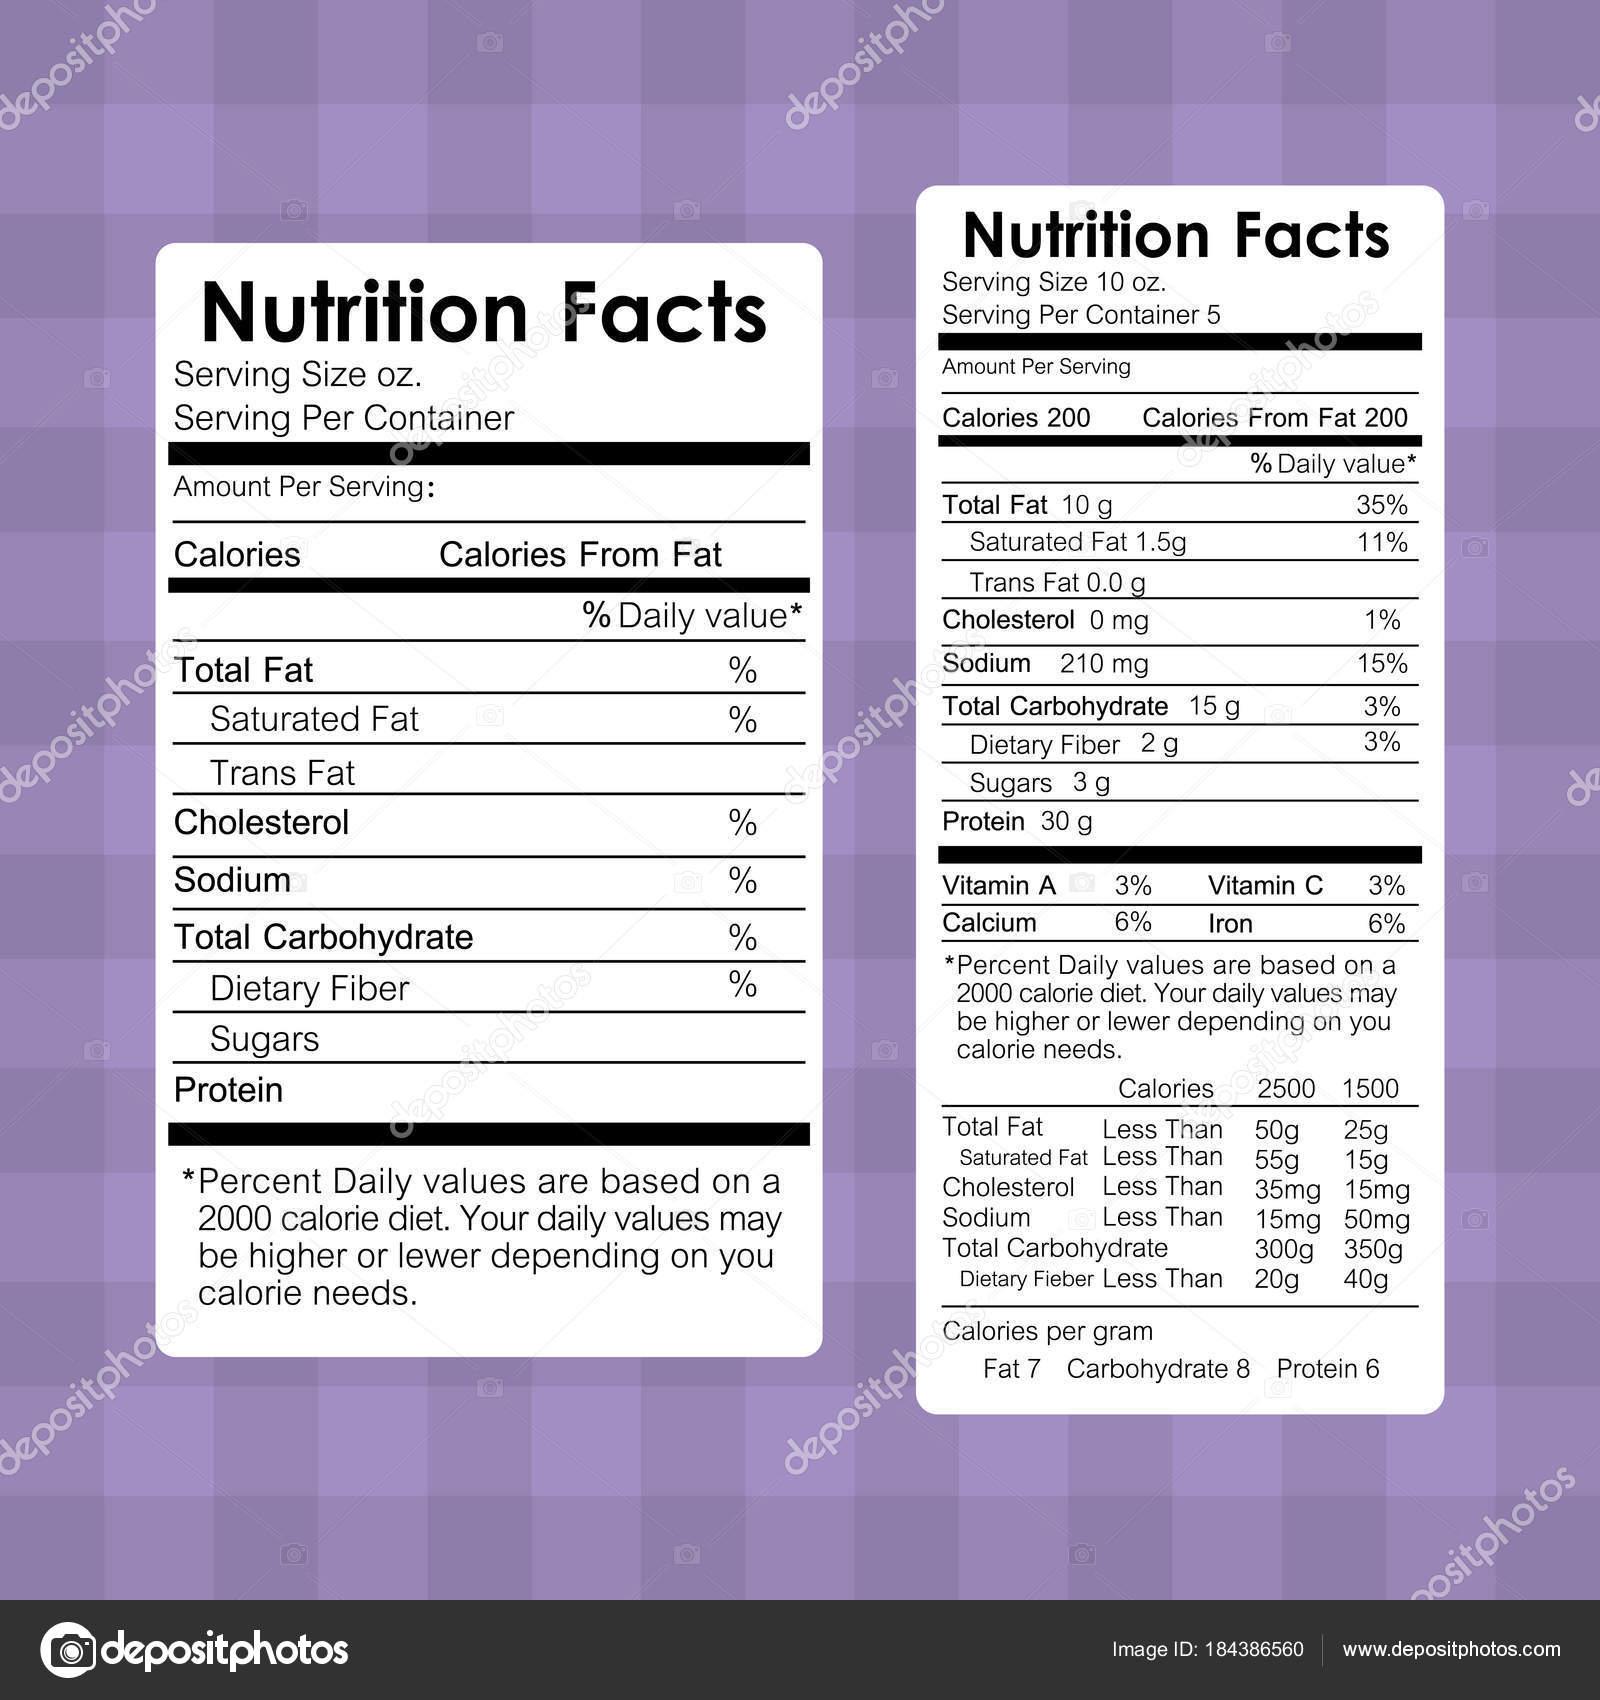 Ernährung Fakten Etiketten Informationen über Lebensmittel gesund ...